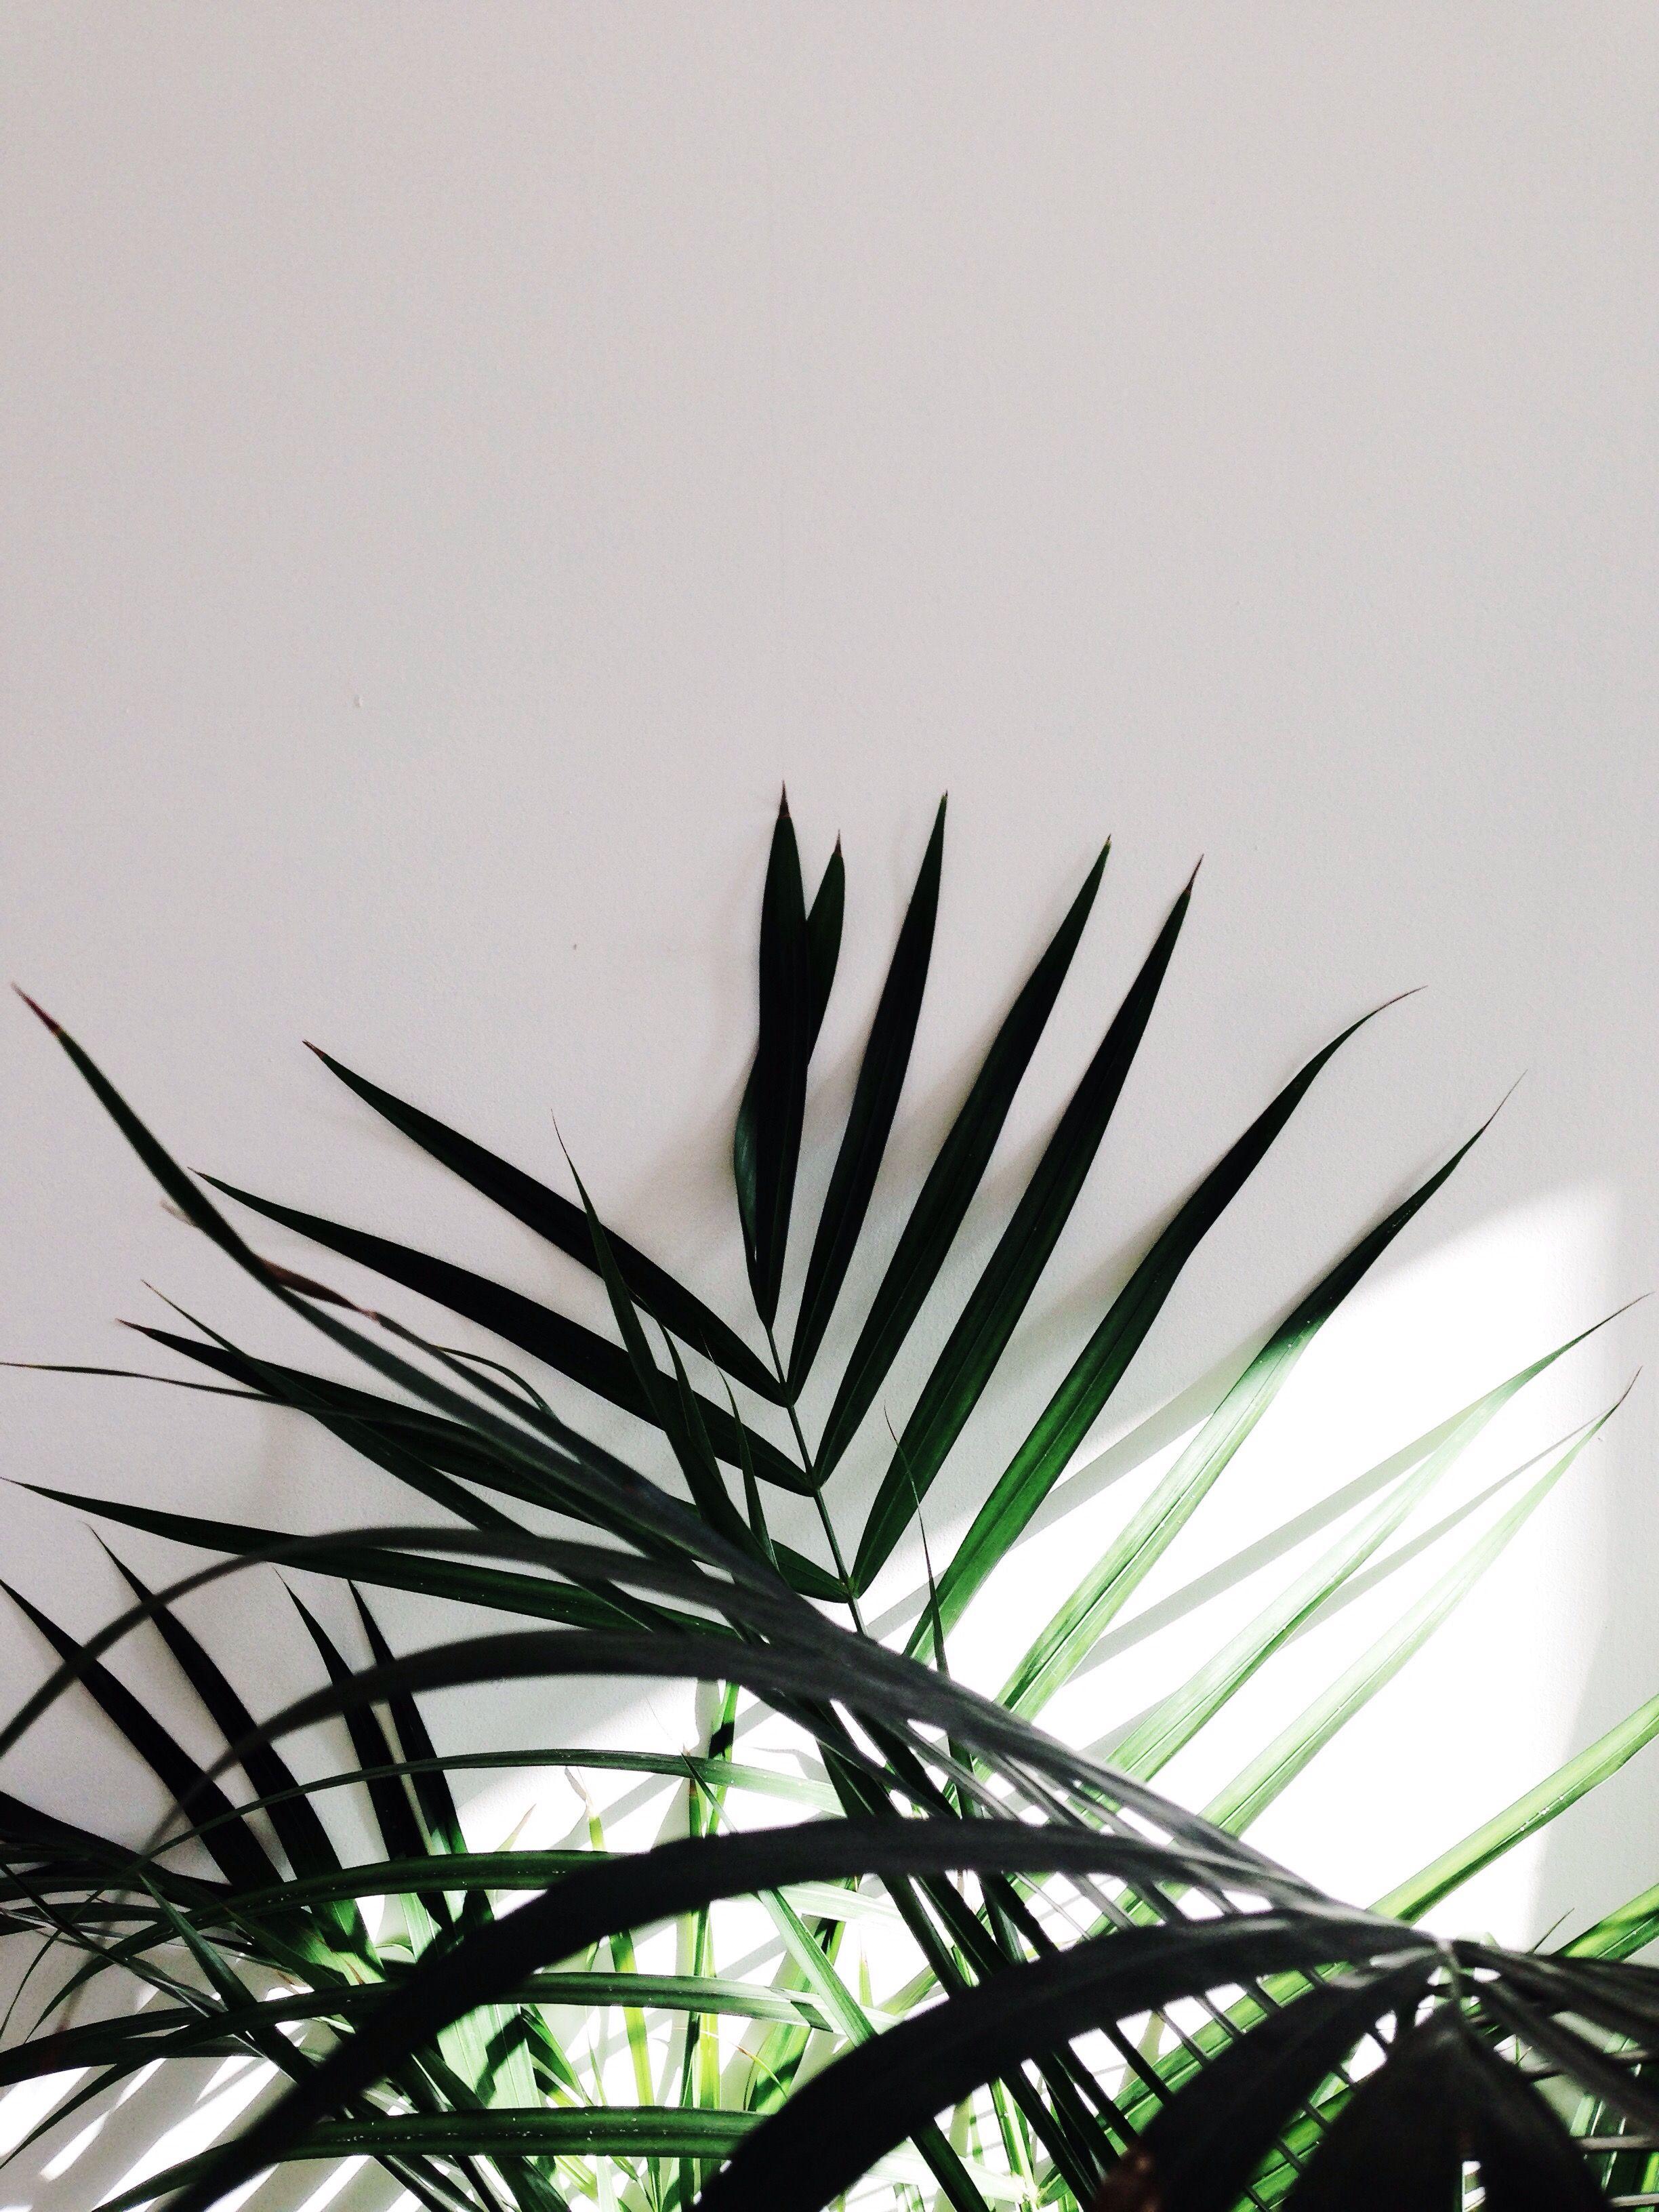 lumi re vegetal n12 green pinterest vegetal. Black Bedroom Furniture Sets. Home Design Ideas